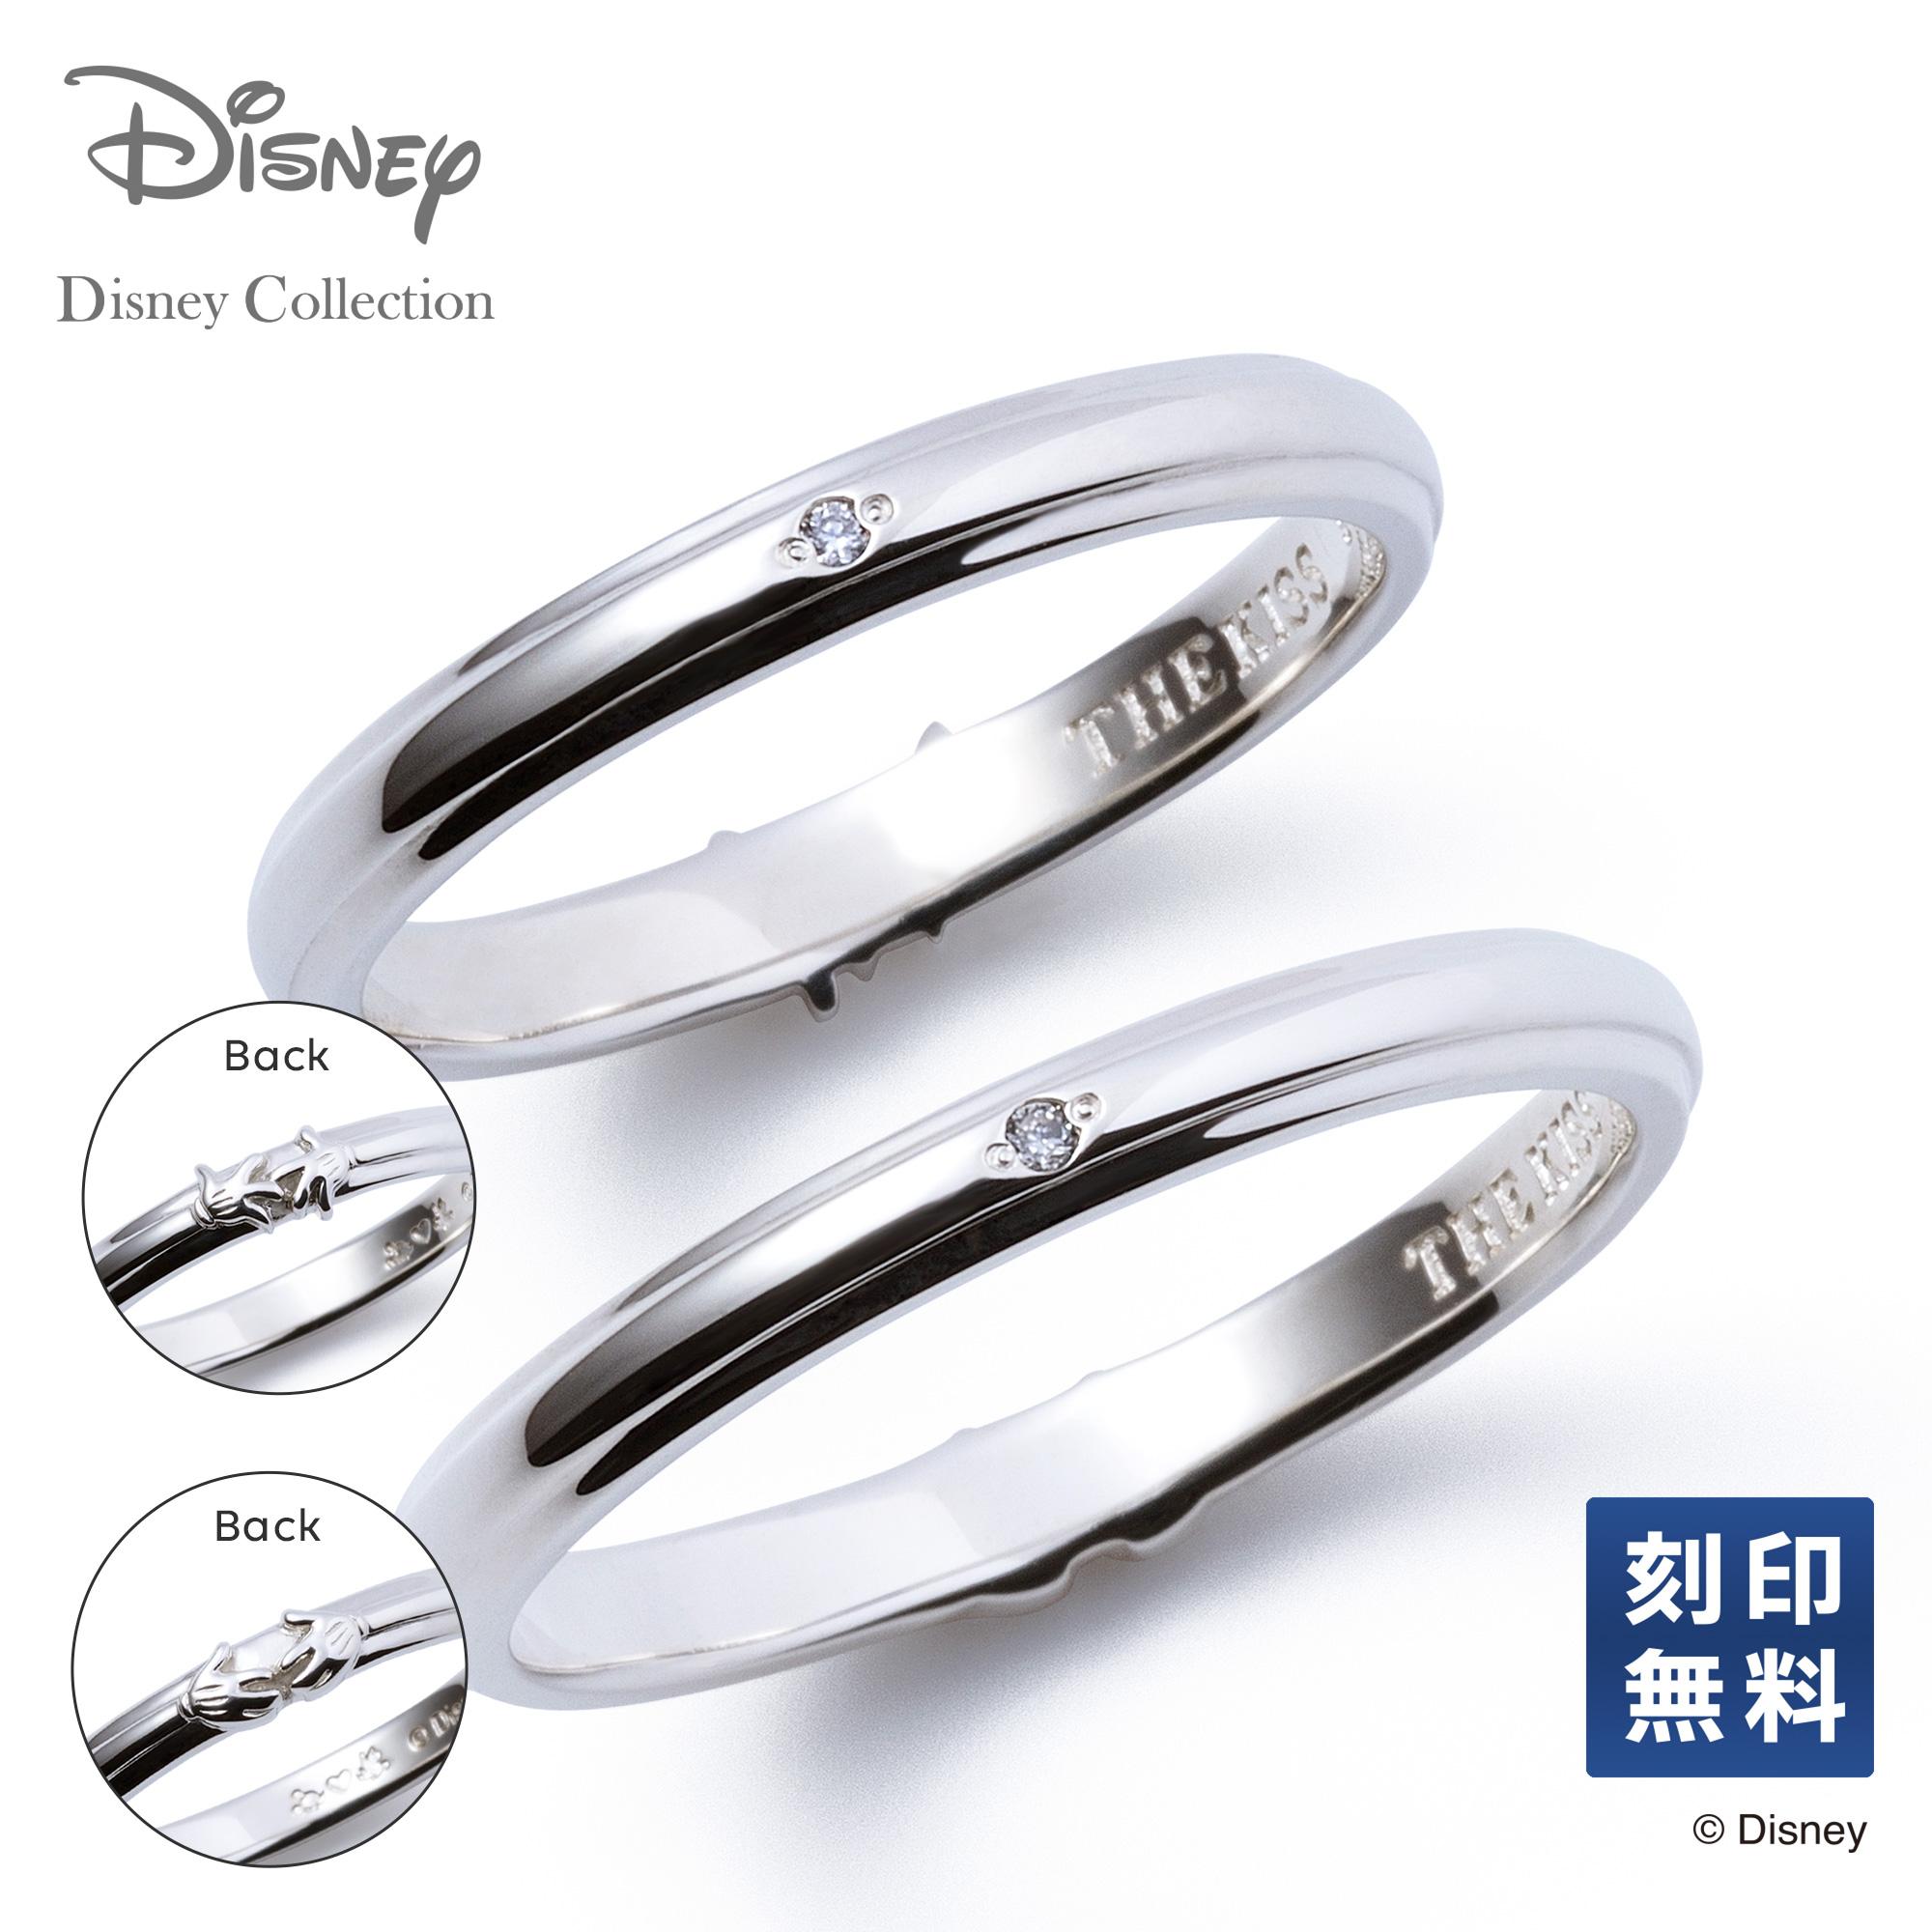 【刻印可_5文字】【あす楽対応】【ディズニーコレクション】 ディズニー / ペアリング / ミッキーマウス & ミニーマウス / THE KISS リング・指輪 シルバー DI-SR1814DM-1815DM セット シンプル ザキス 【送料無料】